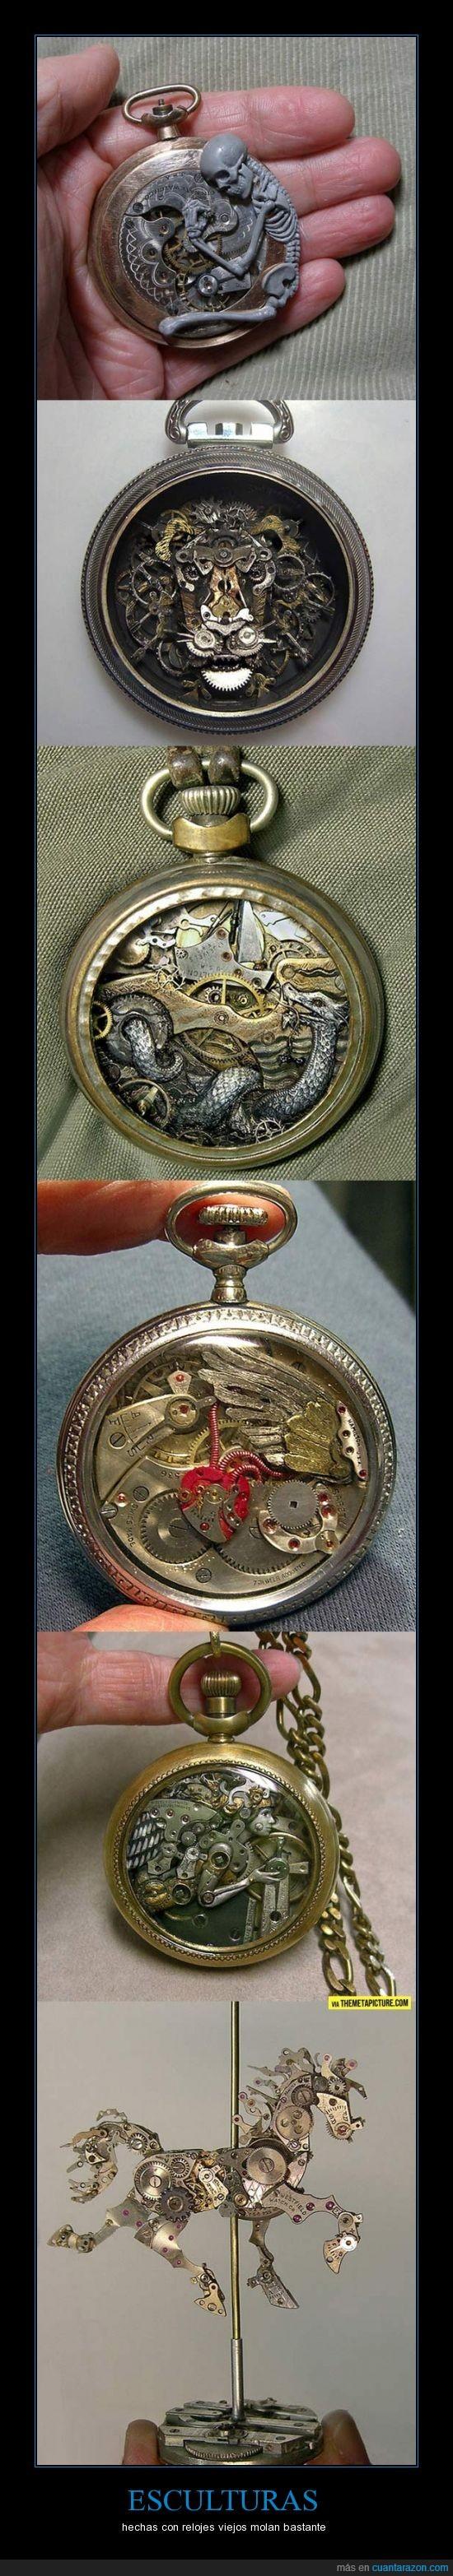 animales,bolsillo,esculturas,esqueleto,metal,relojes